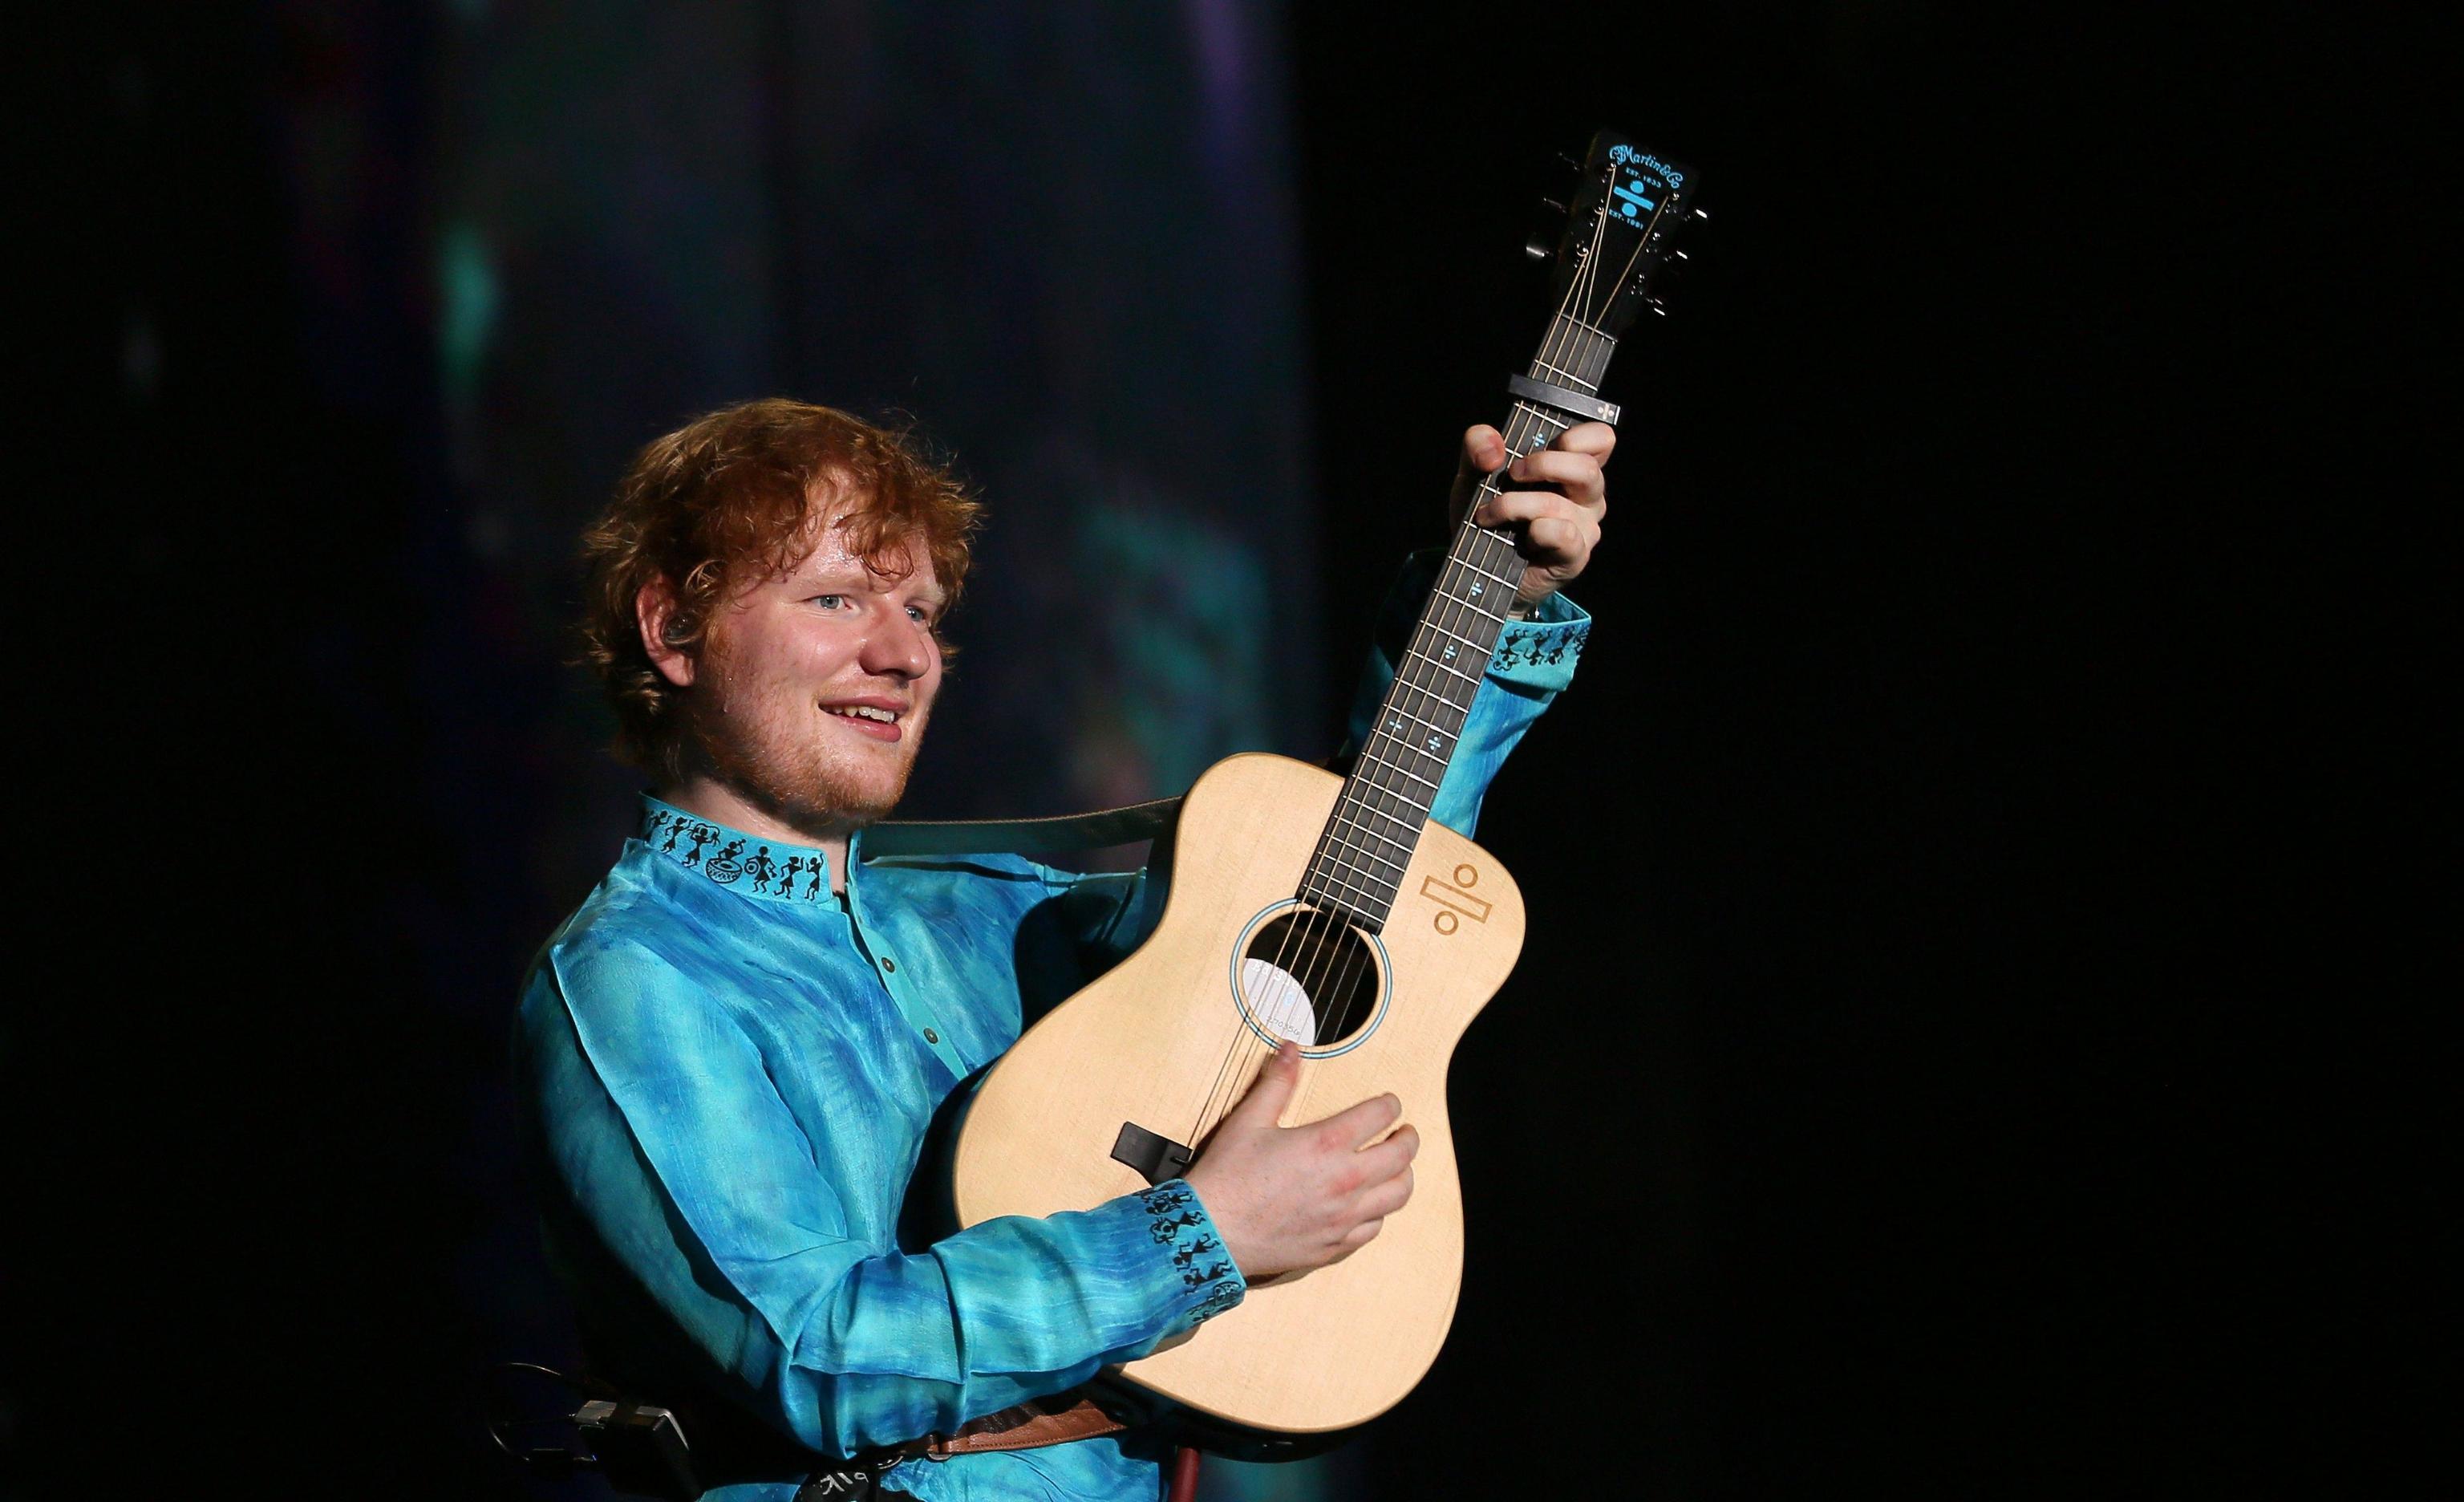 Classifiche 2017, al top Ed Sheeran